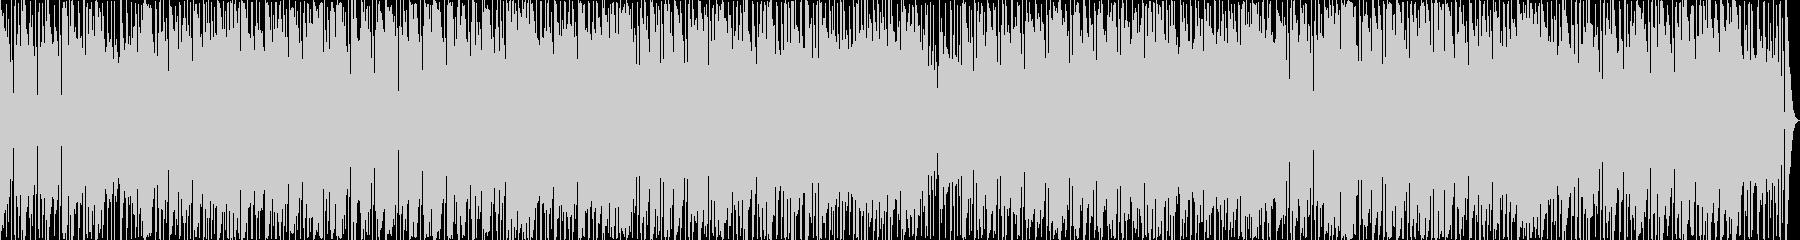 音符が細かい楽しい16ビートサウンドの未再生の波形